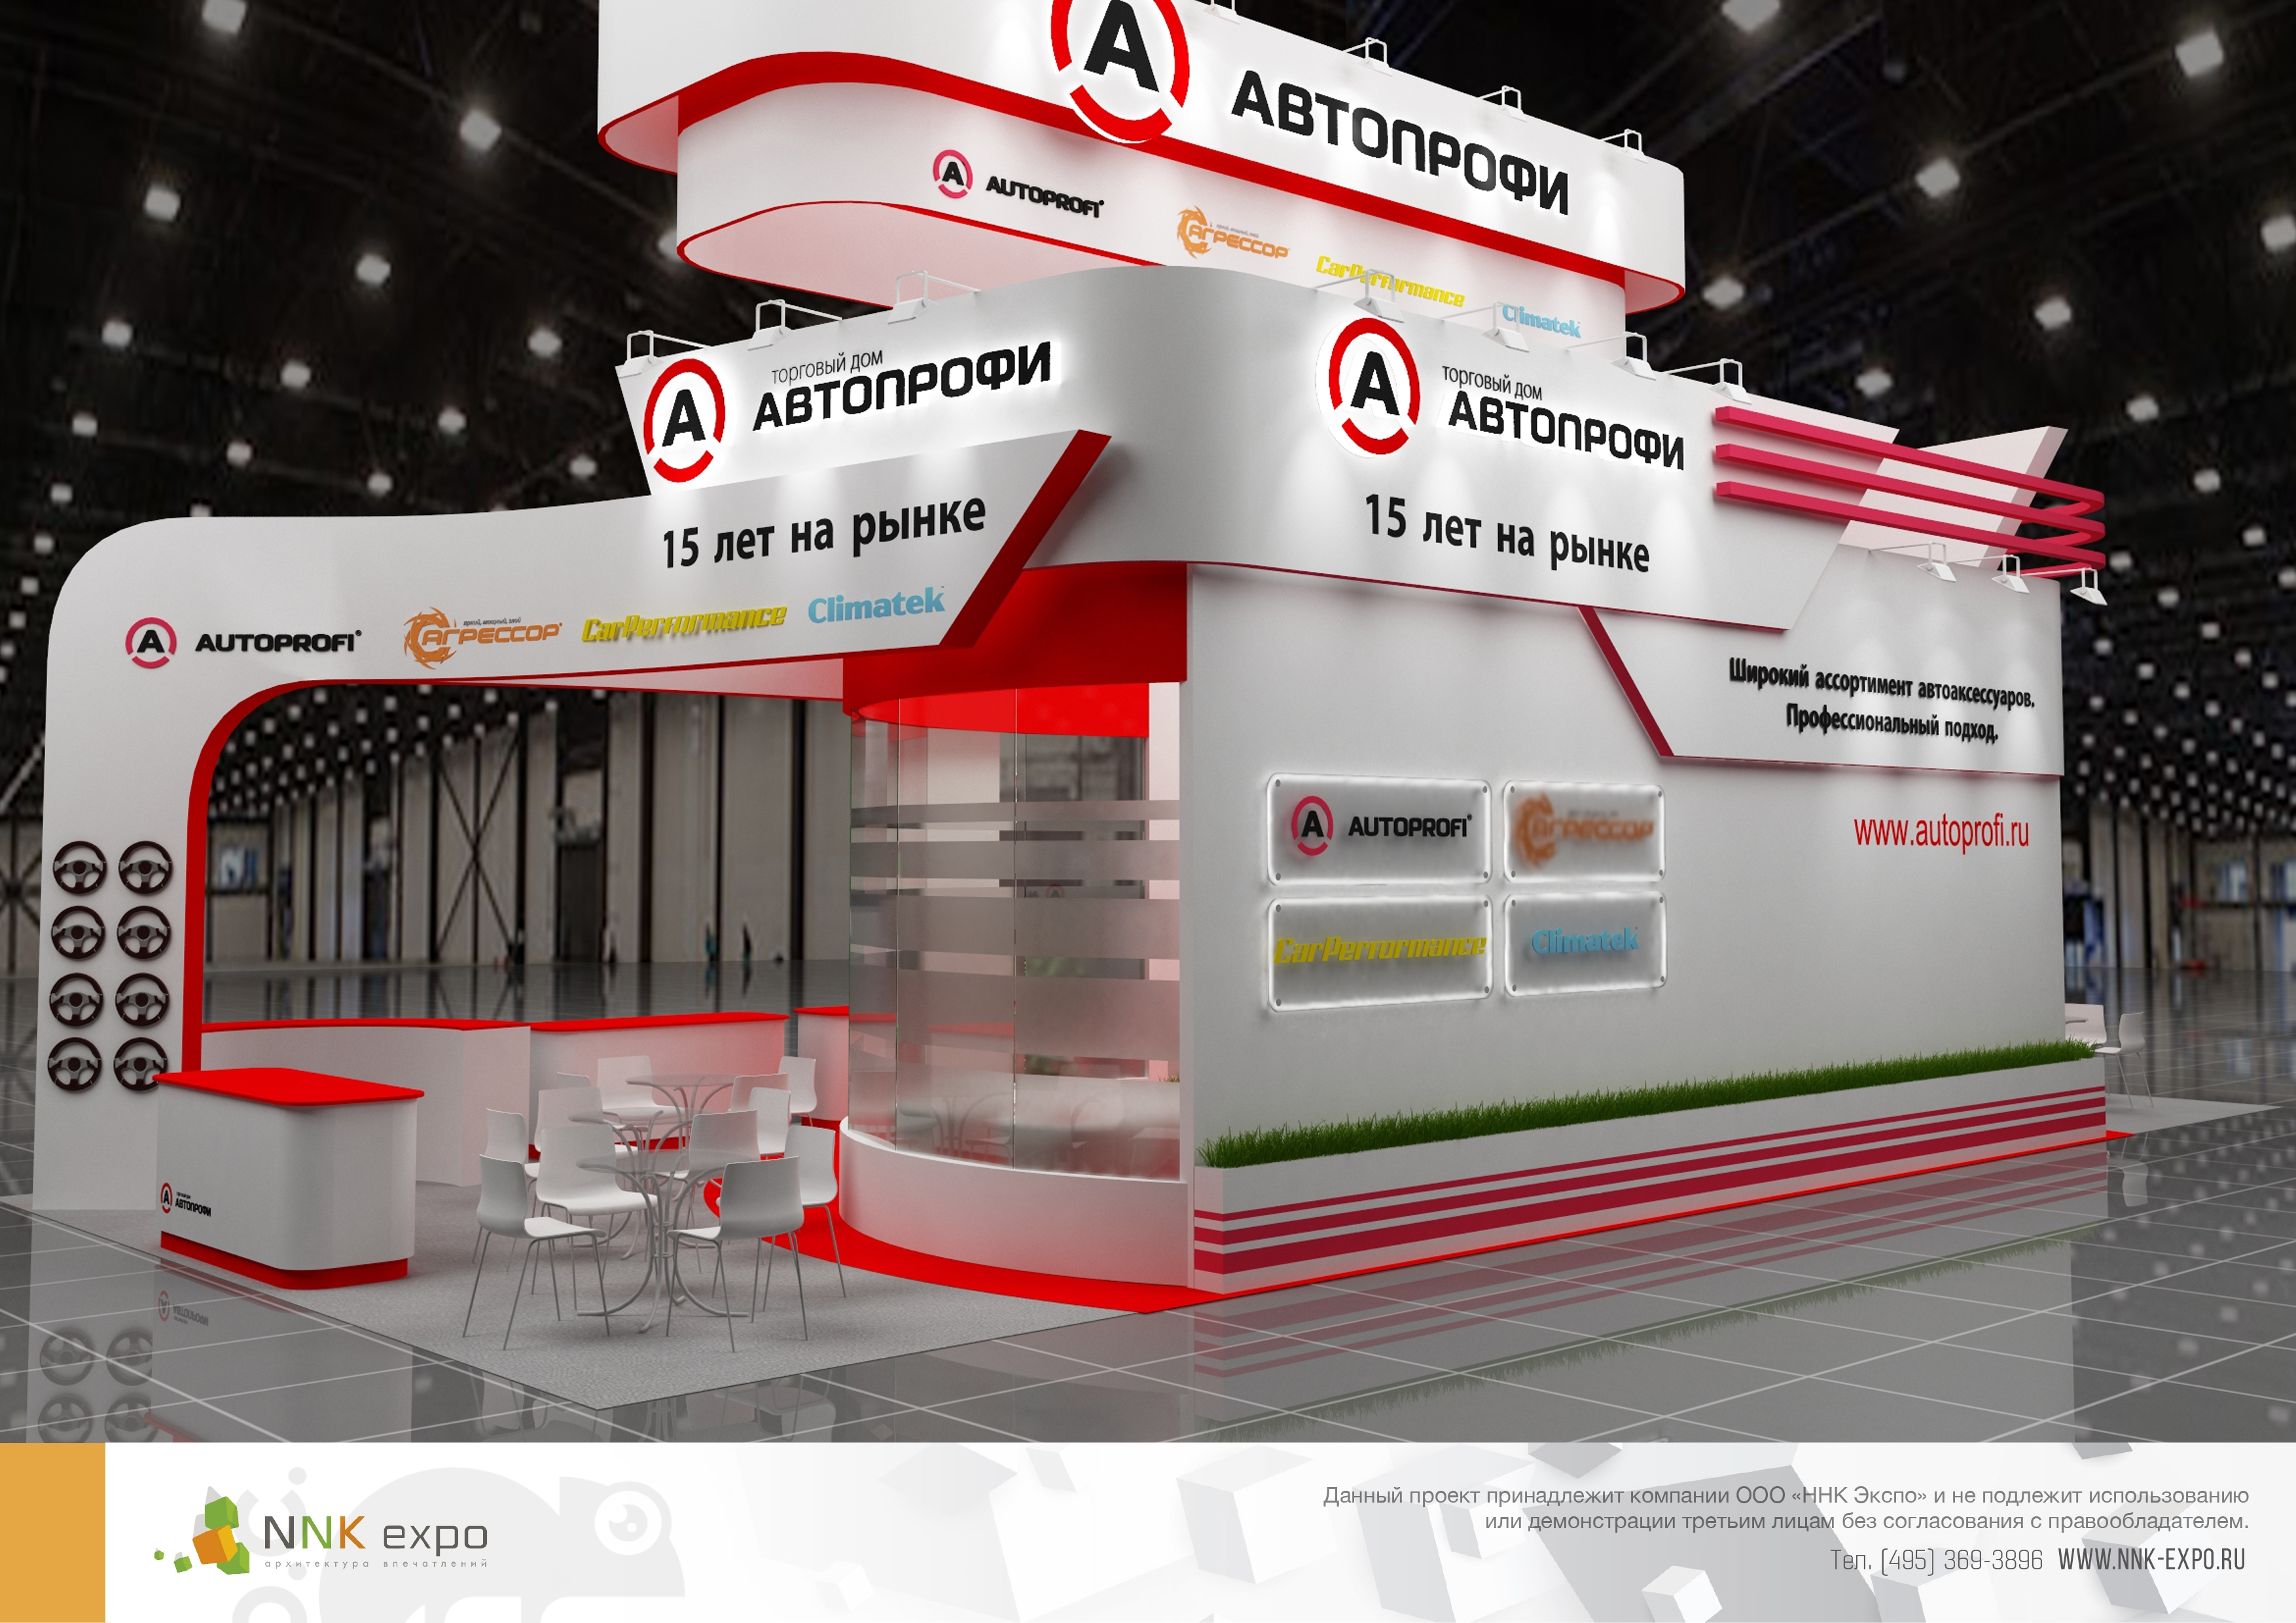 Дизайн проект выставочного стенда компании Автопрофи